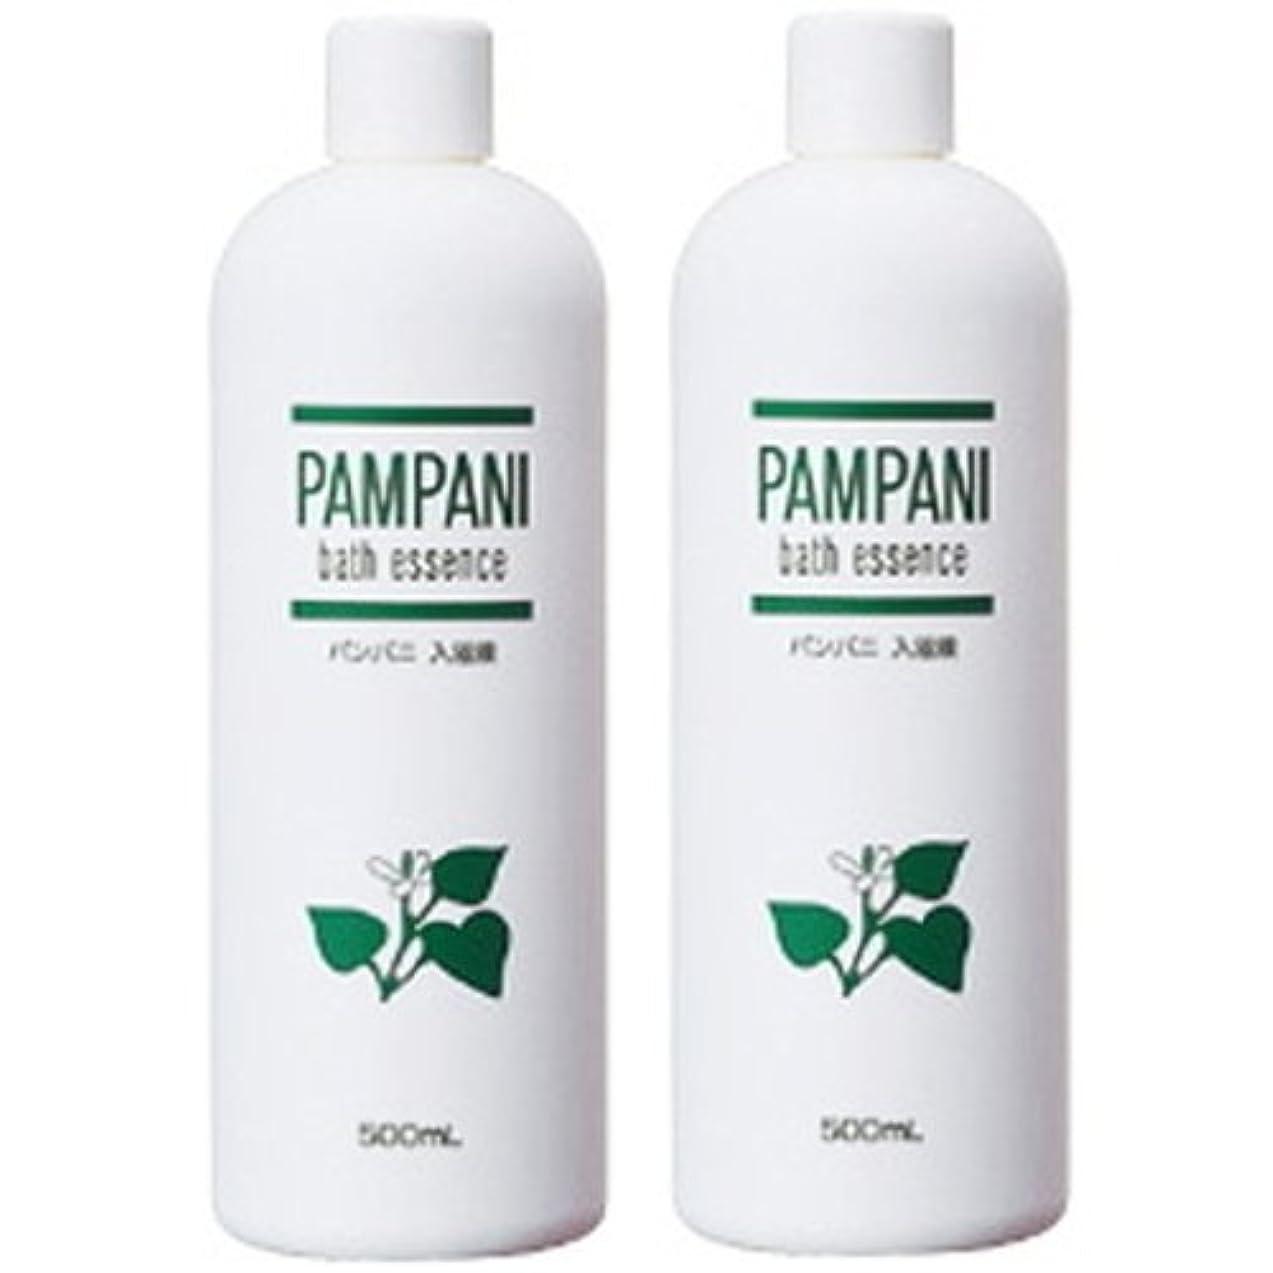 症状成熟教会パンパニ(PAMPANI) 入浴液 (希釈タイプ) 500ml×2本組